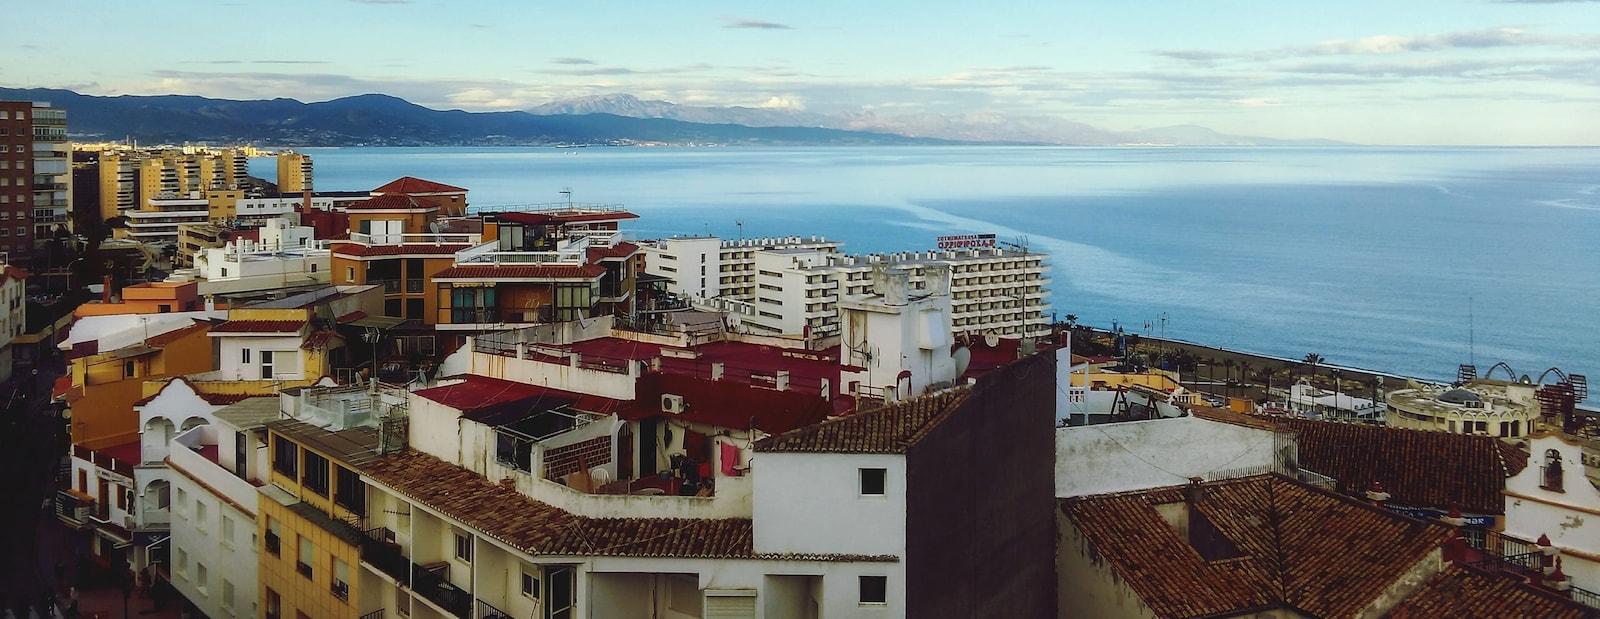 马贝拉的度假屋